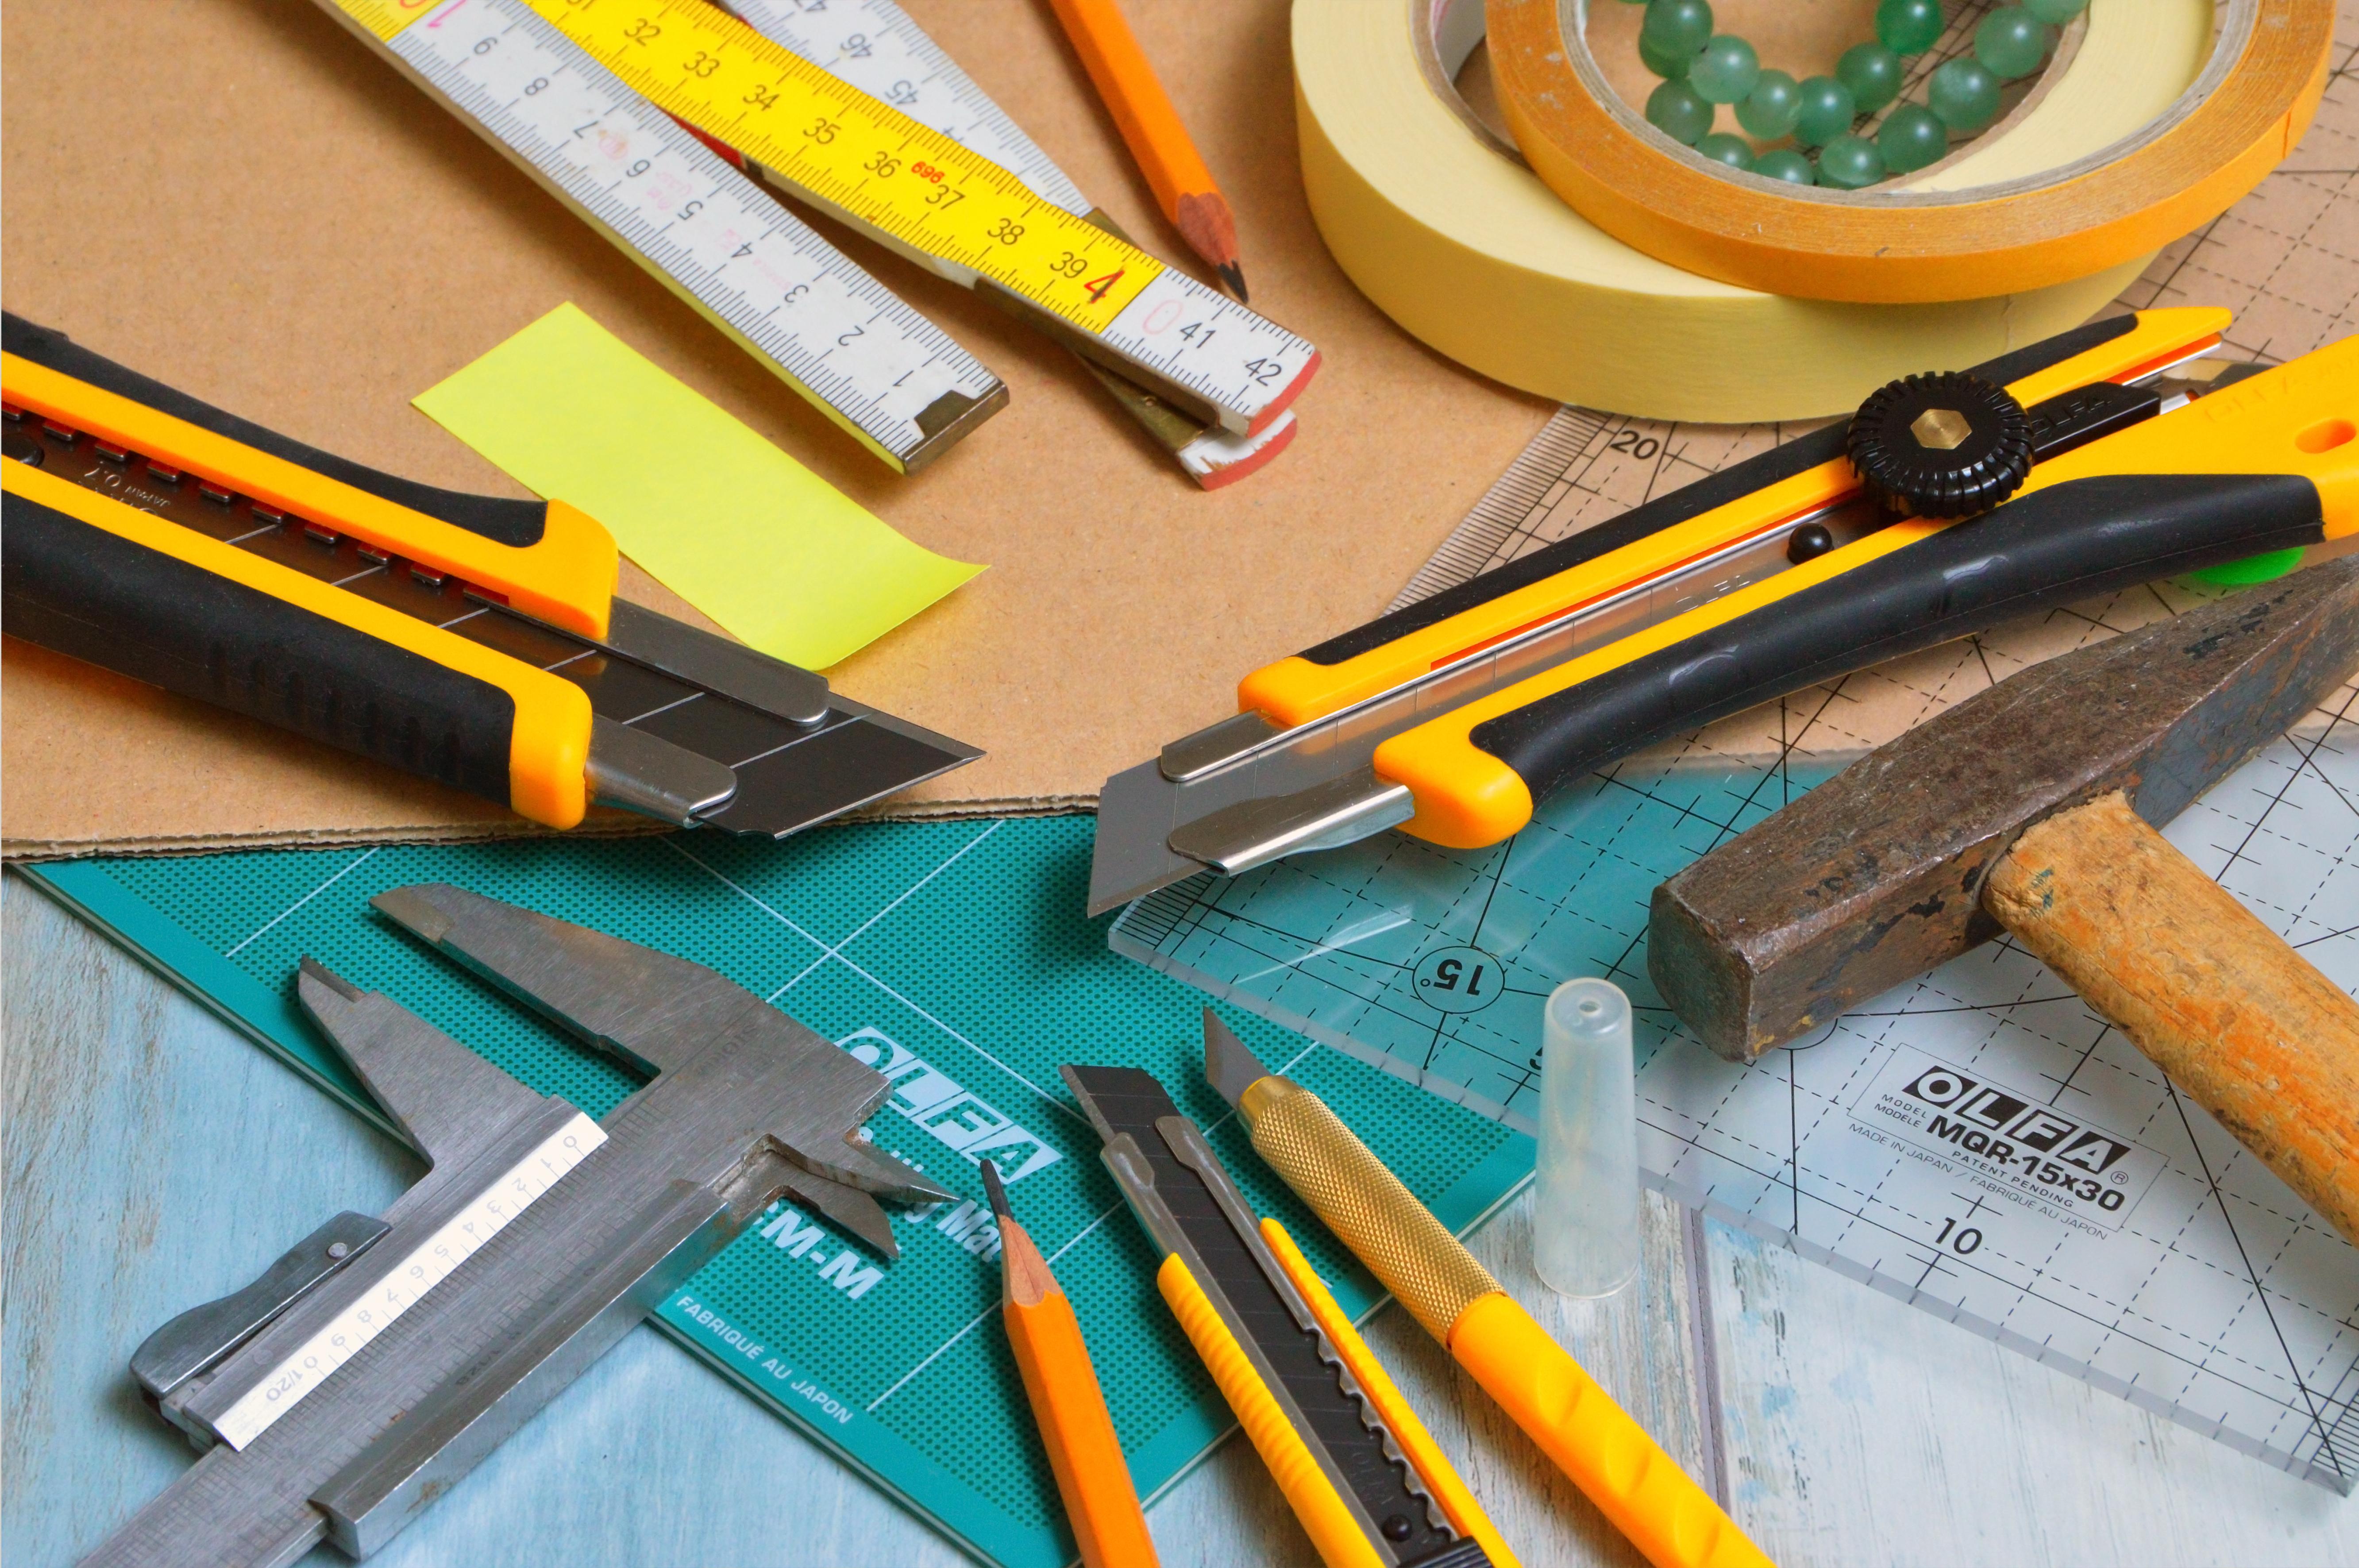 発泡スチロールカッターの上手な使い方!綺麗に切るためのコツを解説